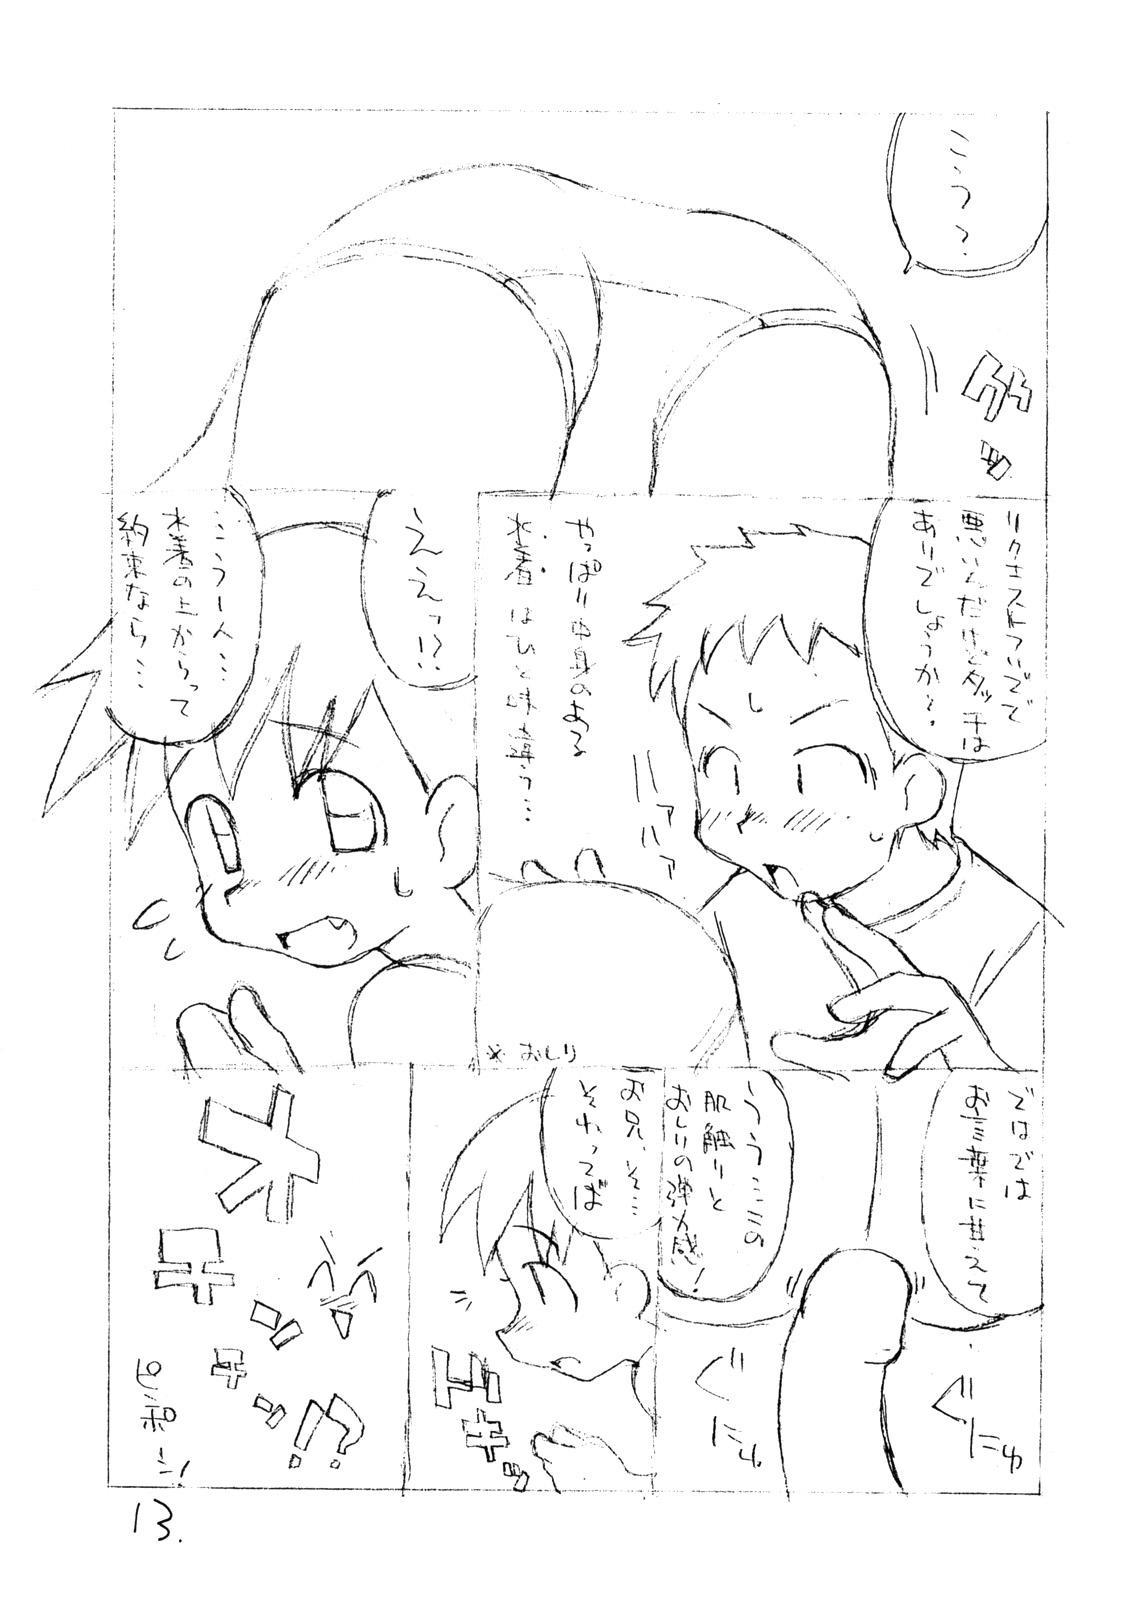 Okosama One-touch 11